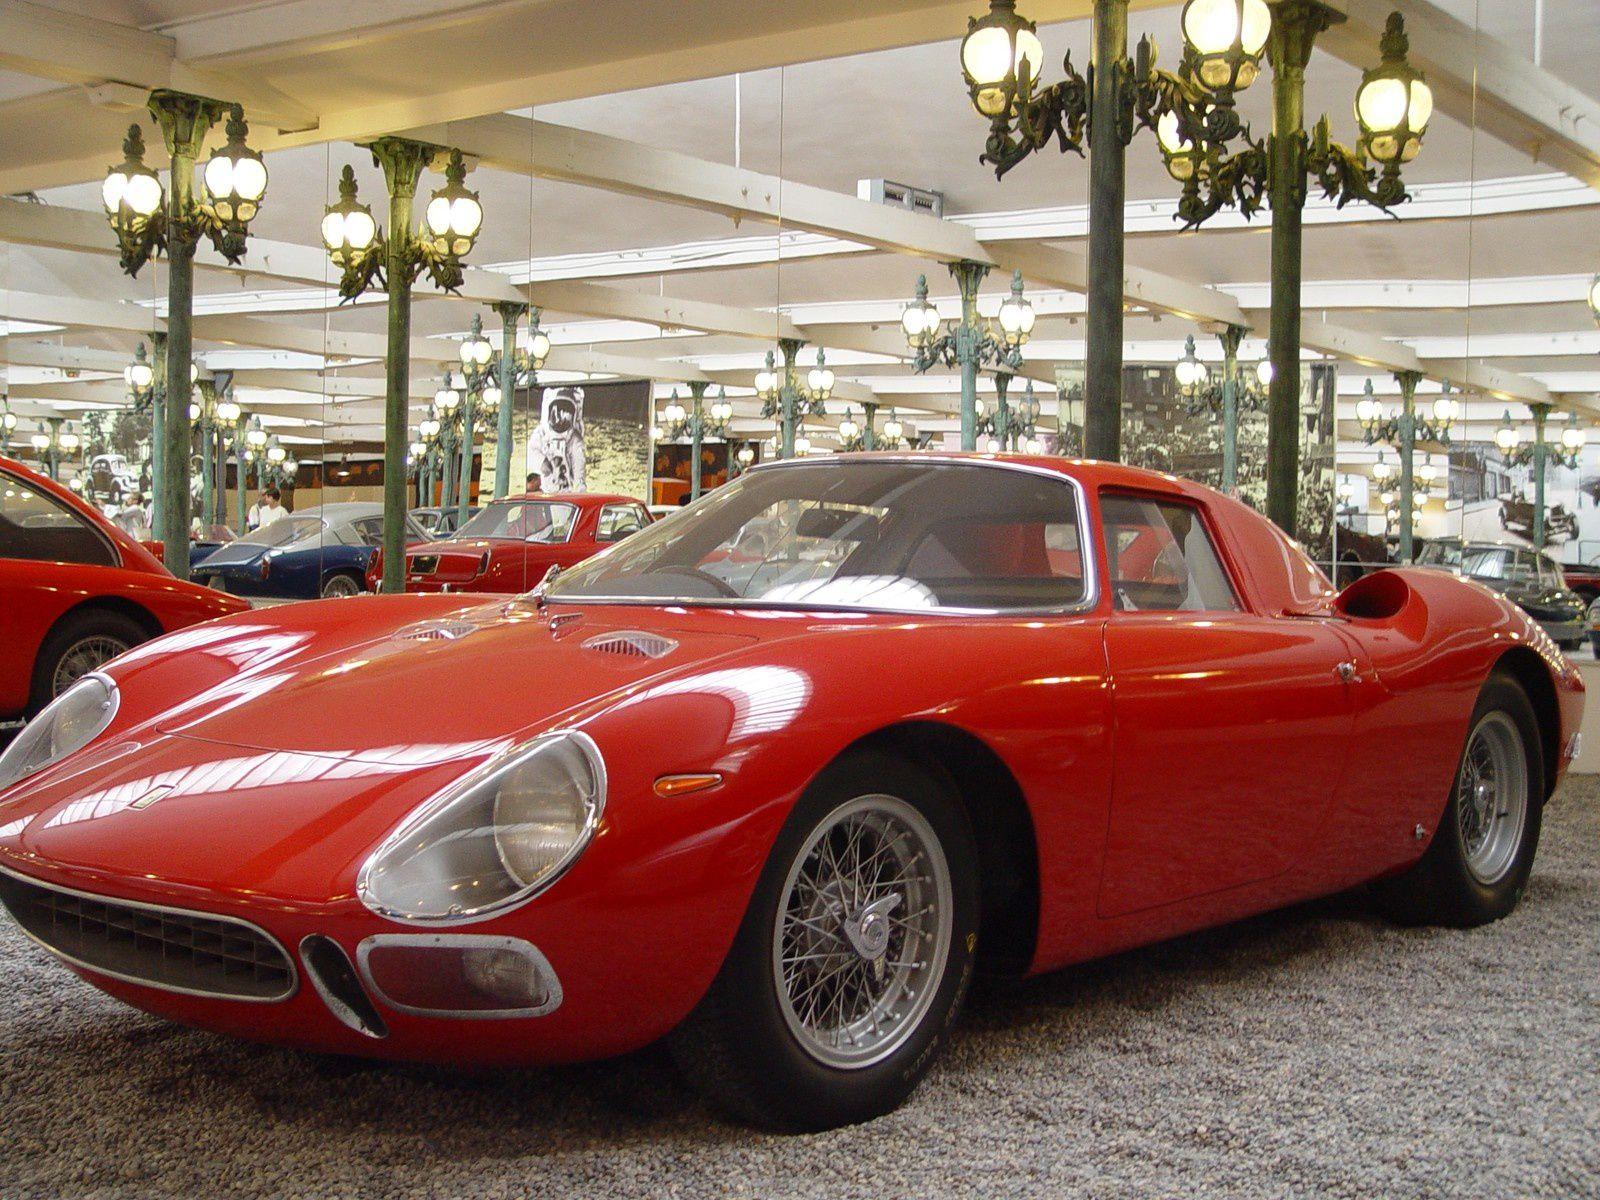 … enfin beaucoup quand même (coupé 250 LM – 1964 - 12 cylindres - 320 CV)